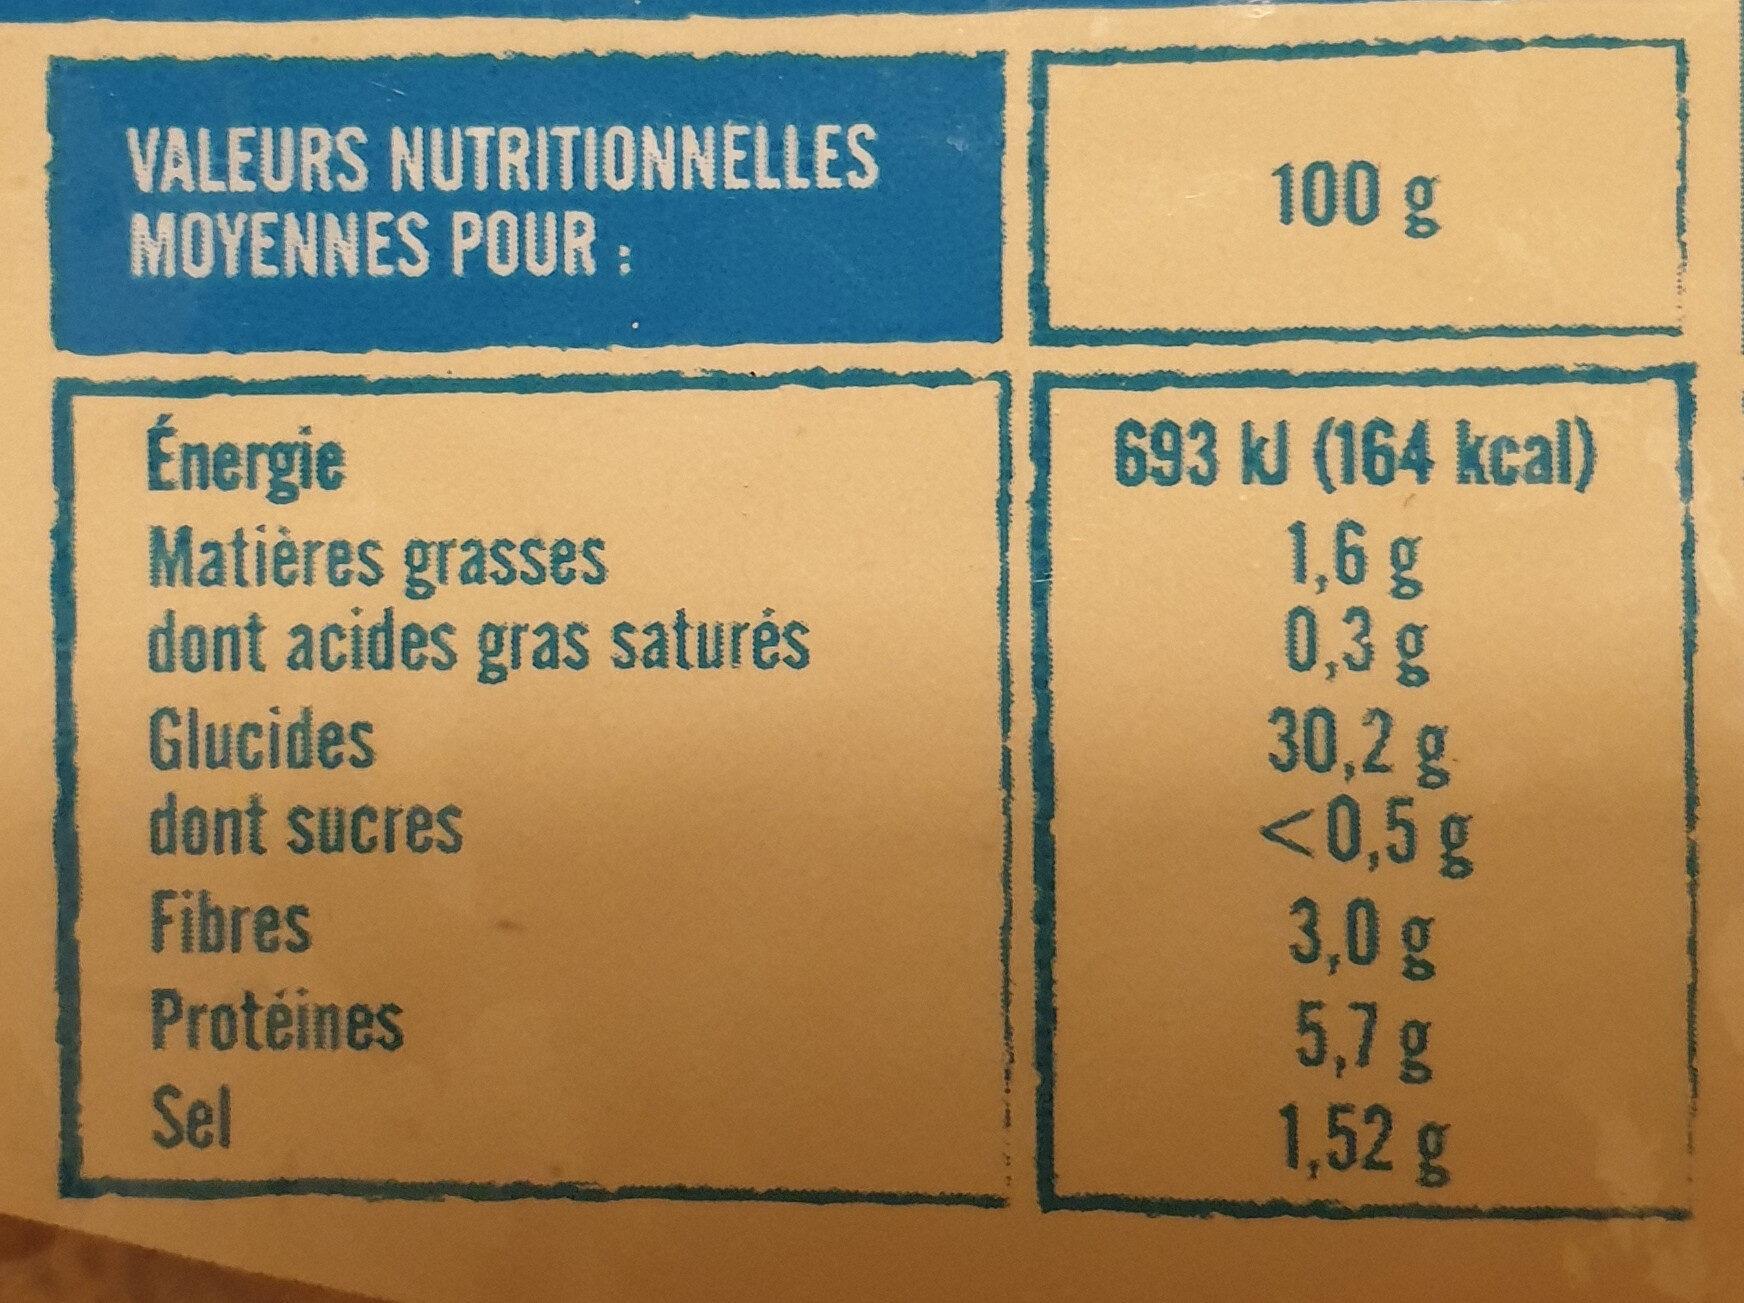 Galettes farine de blé noir - Nutrition facts - fr